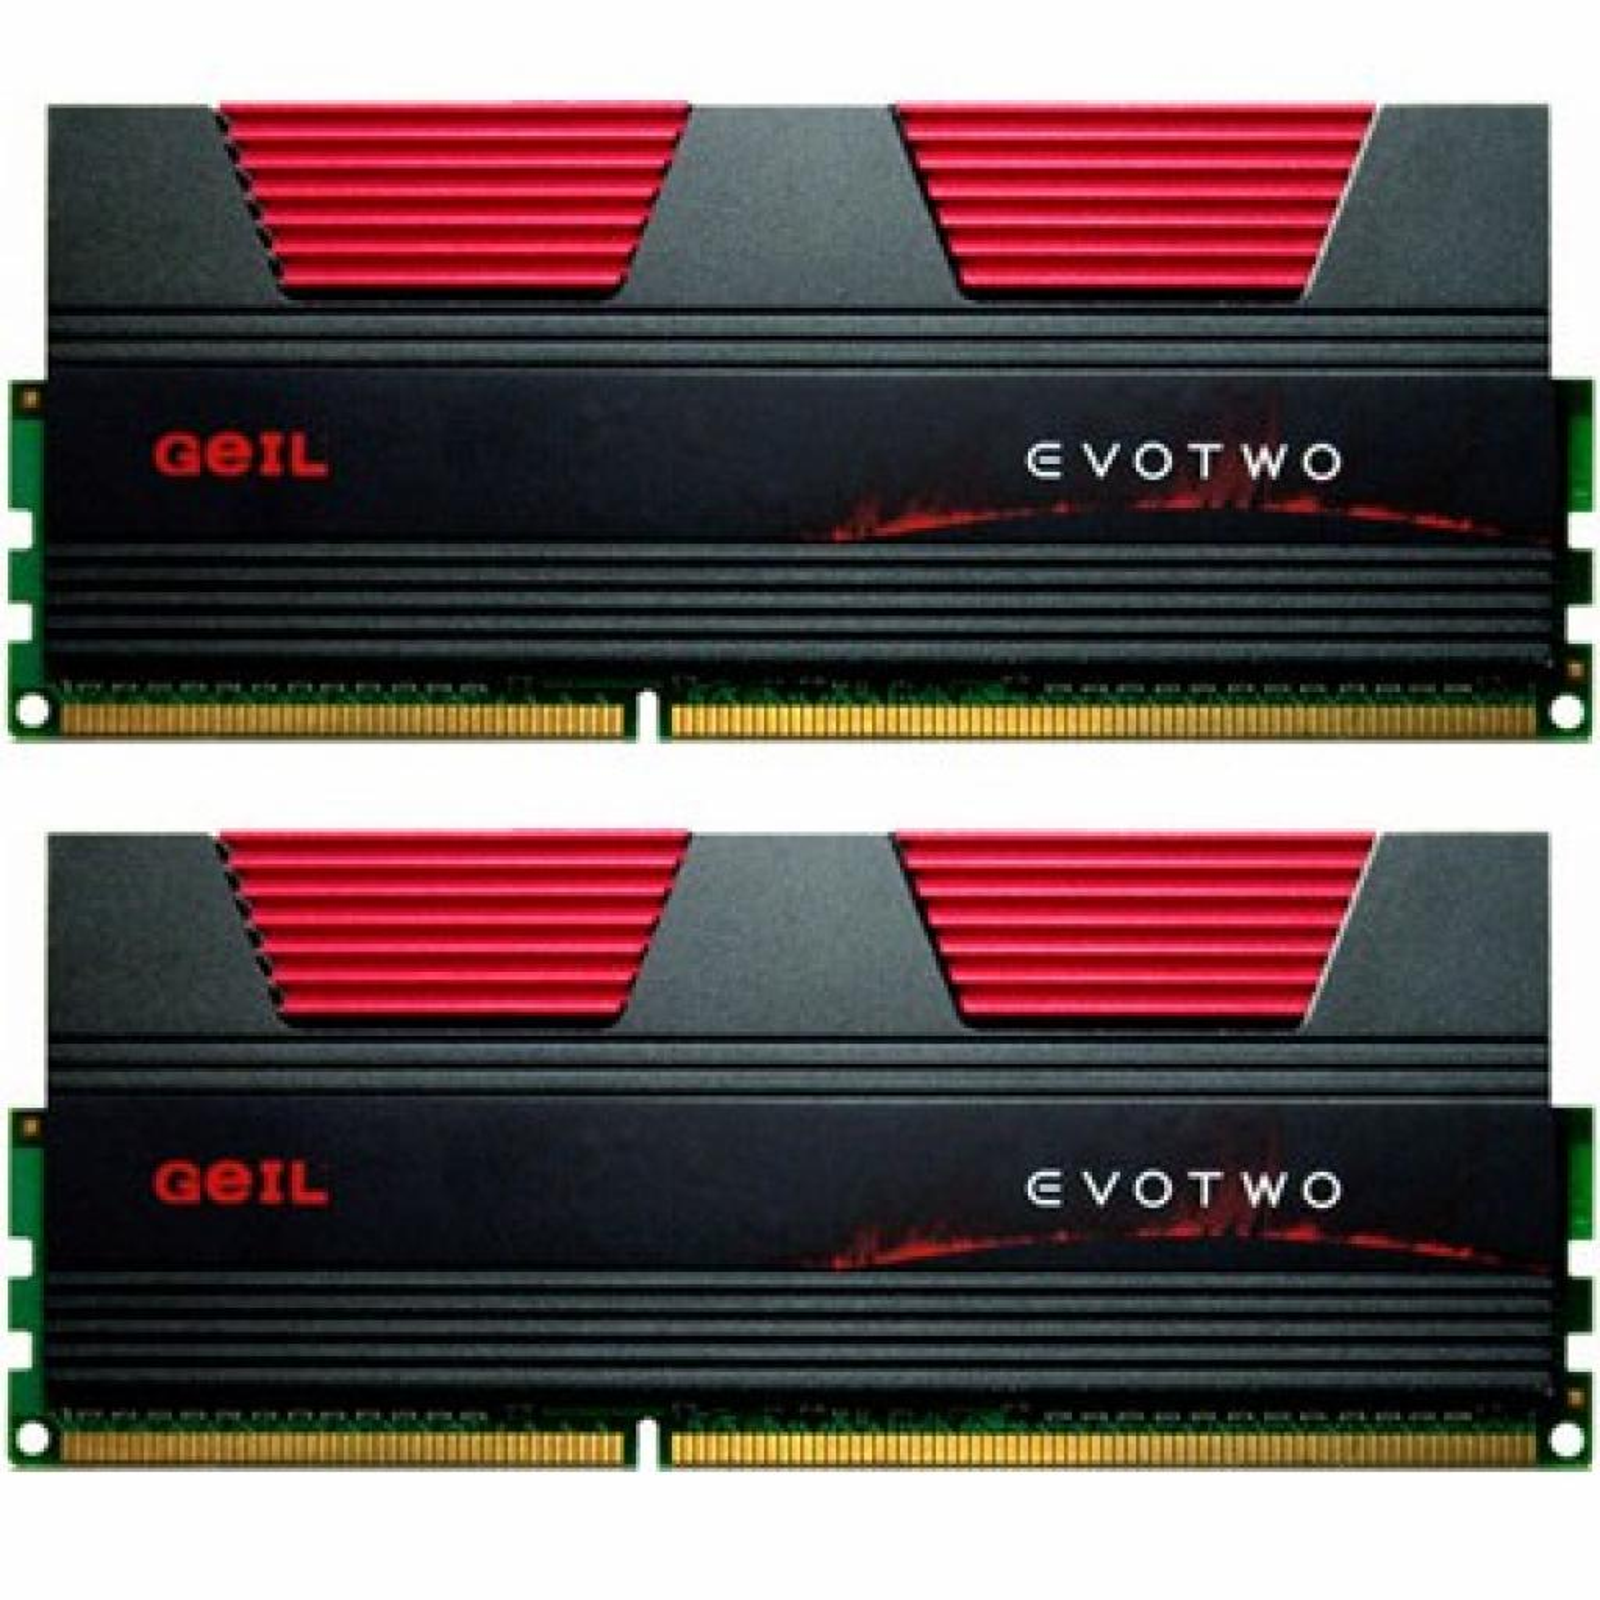 Модуль памяти для компьютера DDR3 8GB (2x4GB) 1866 MHz GEIL (GET38GB1866C10DC)